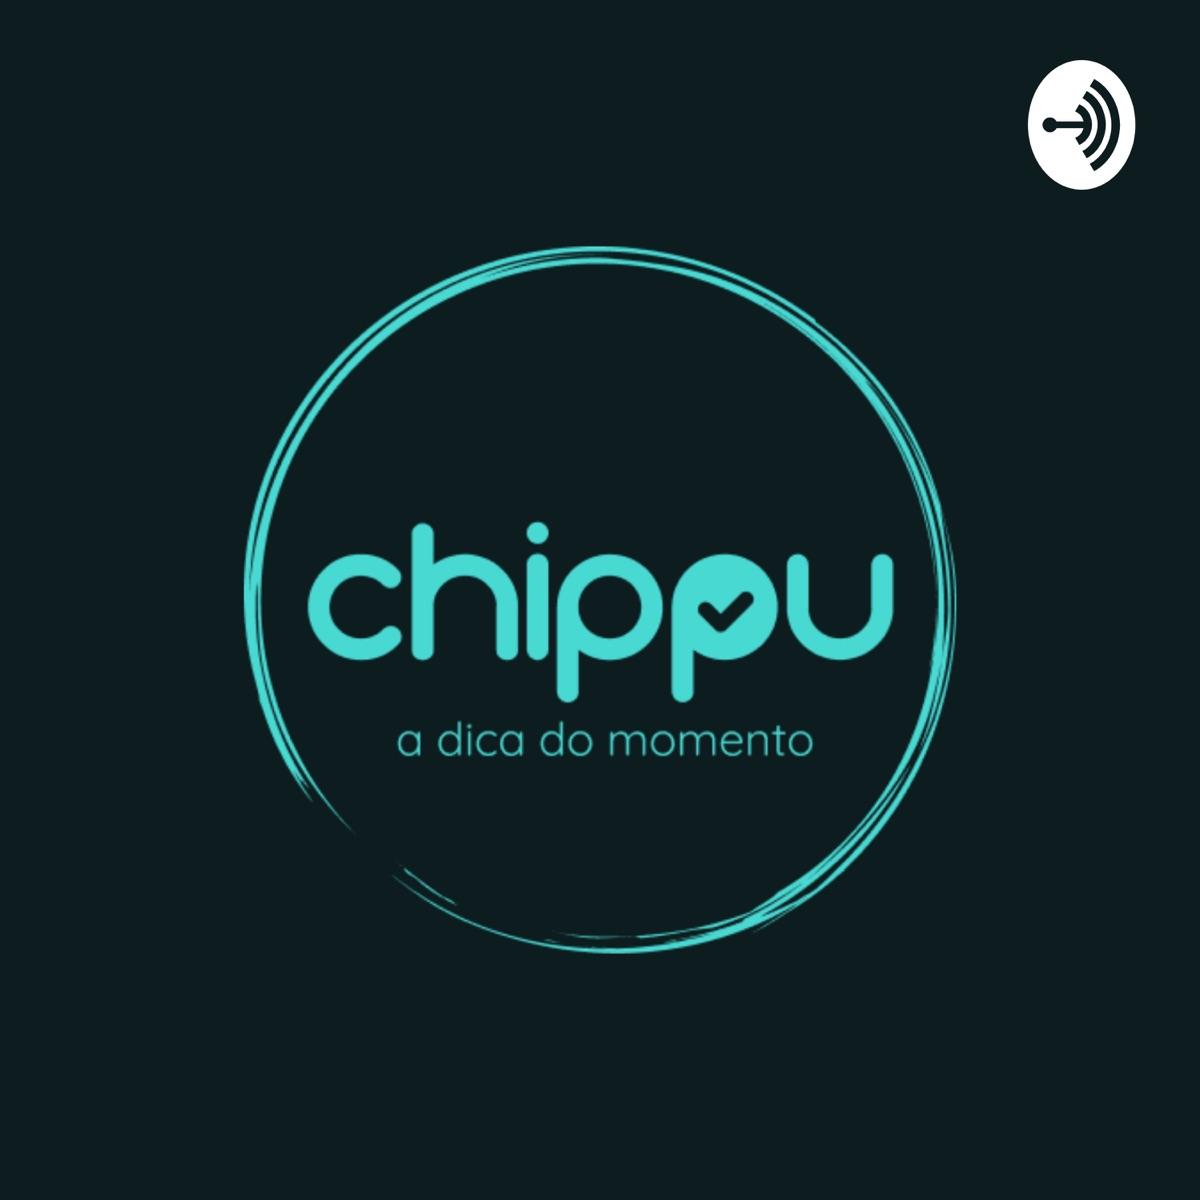 Chippado - O podcast do Chippu